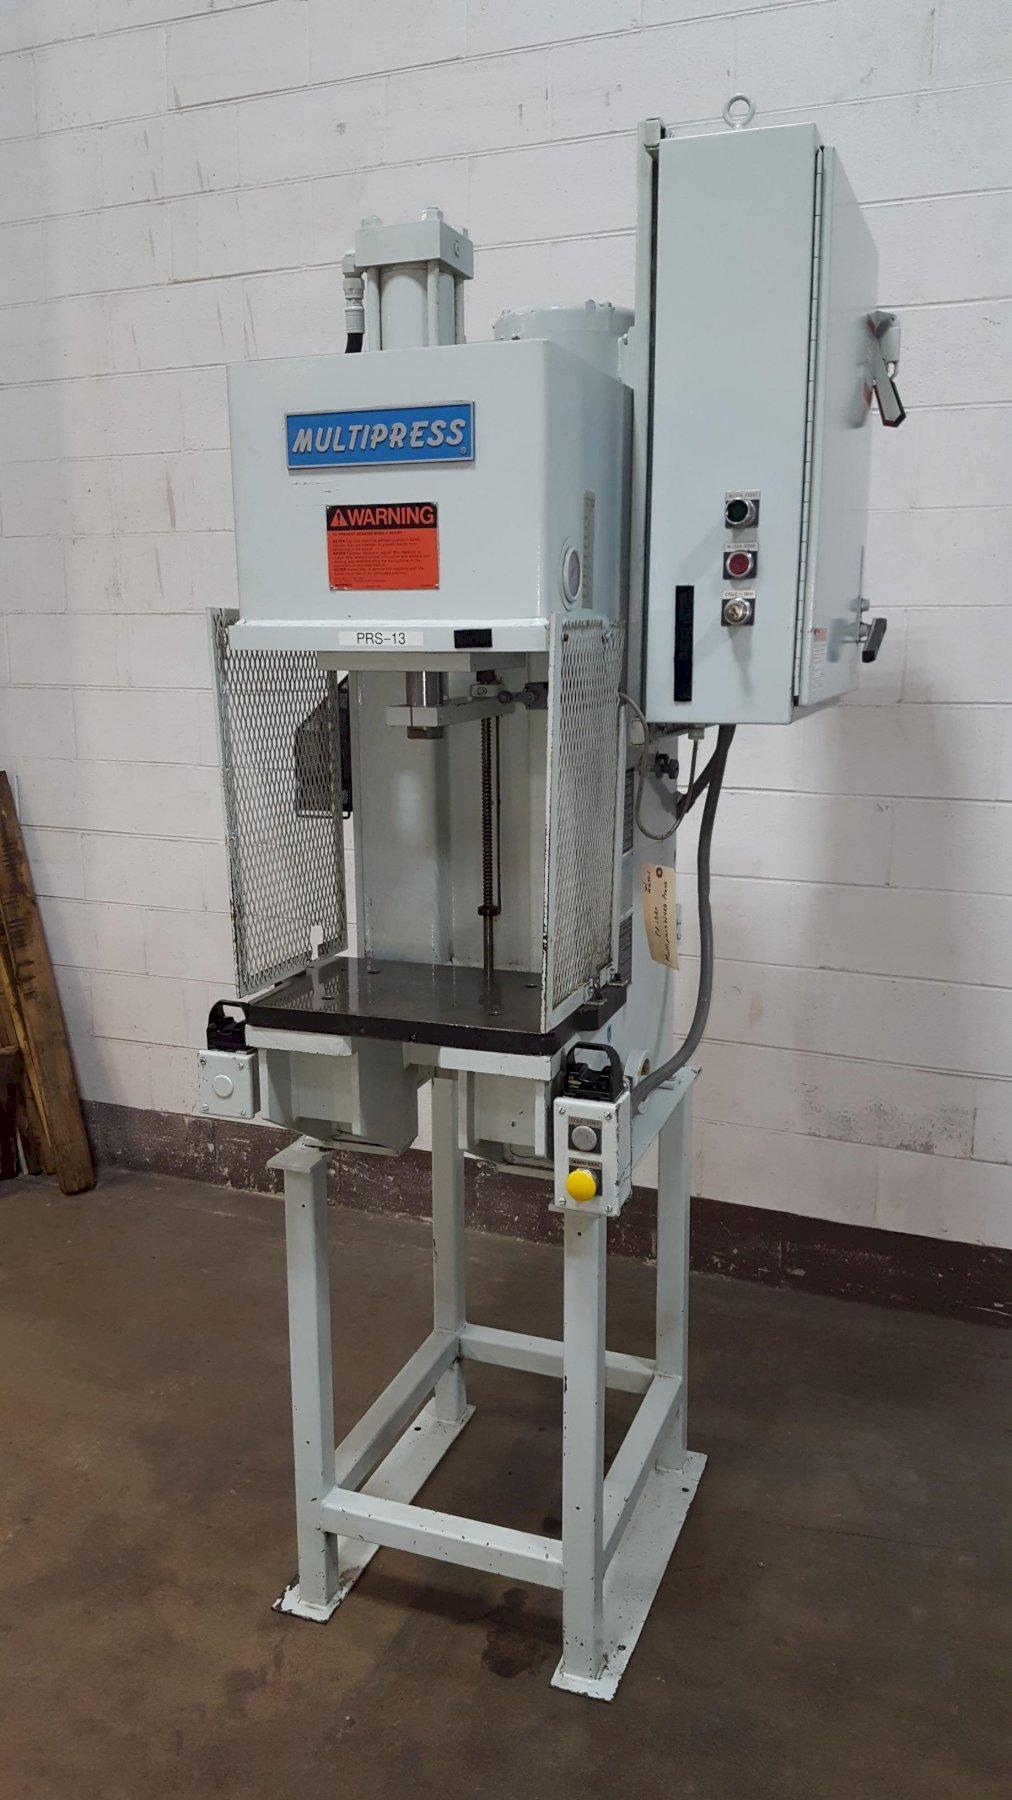 8-Ton Multipress Model W4R87M C404FS1 Bench Mounted Hydraulic Press